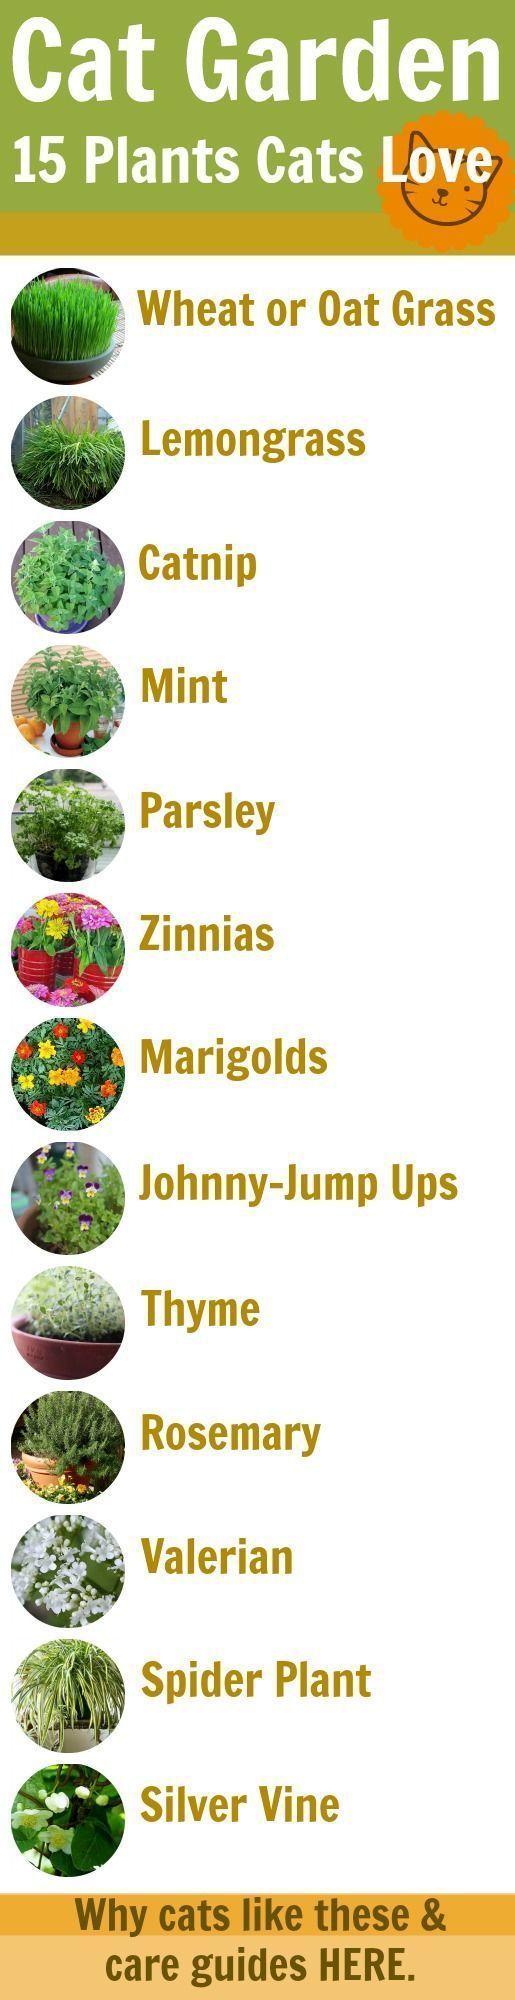 15 Feline Safe Plants